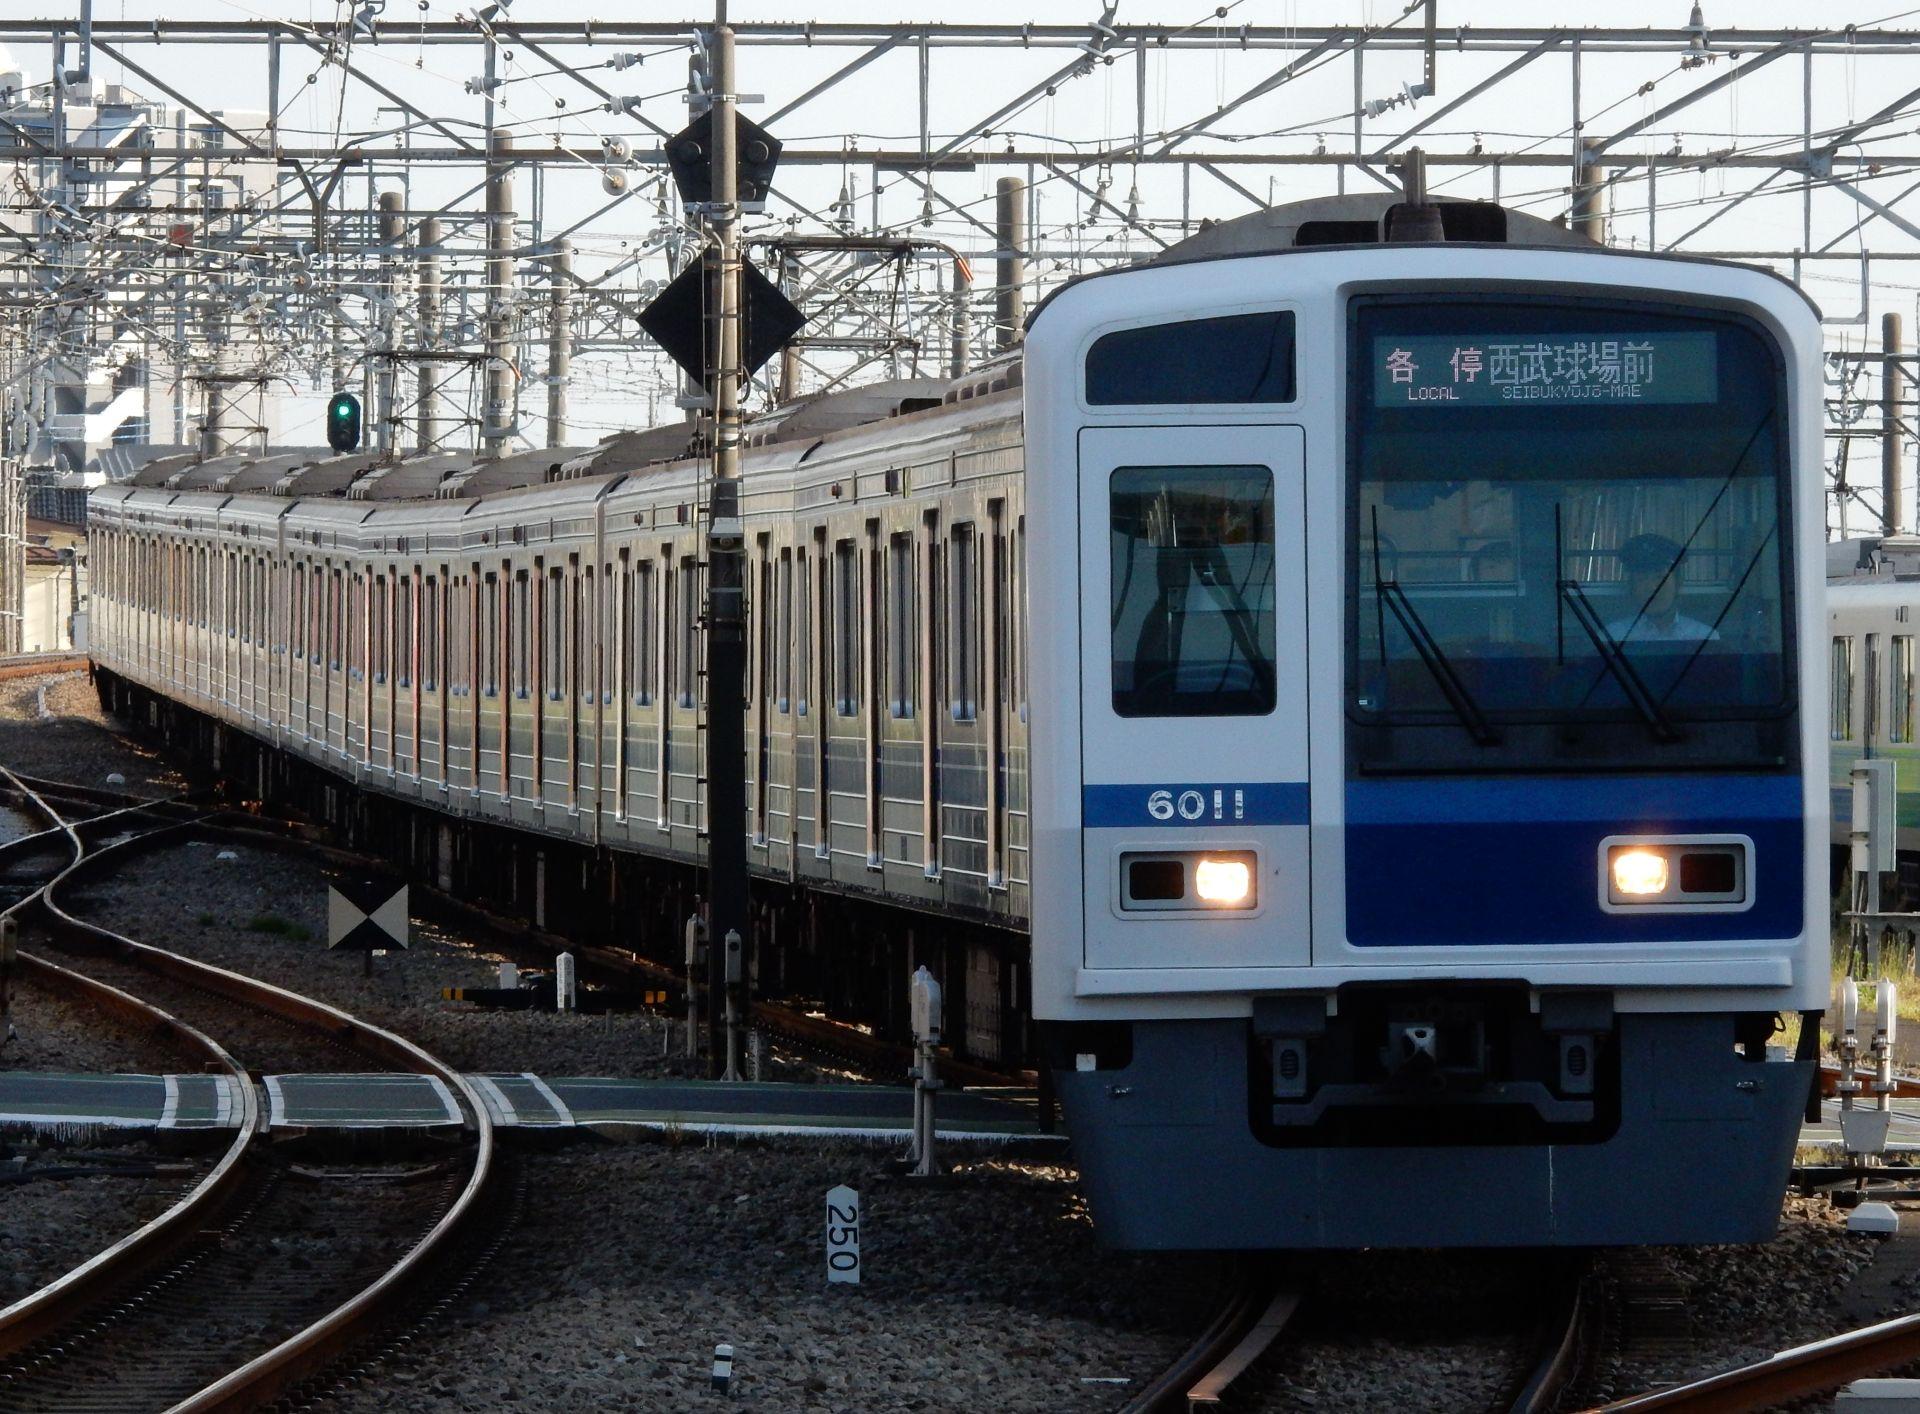 DSCN9116 - コピー